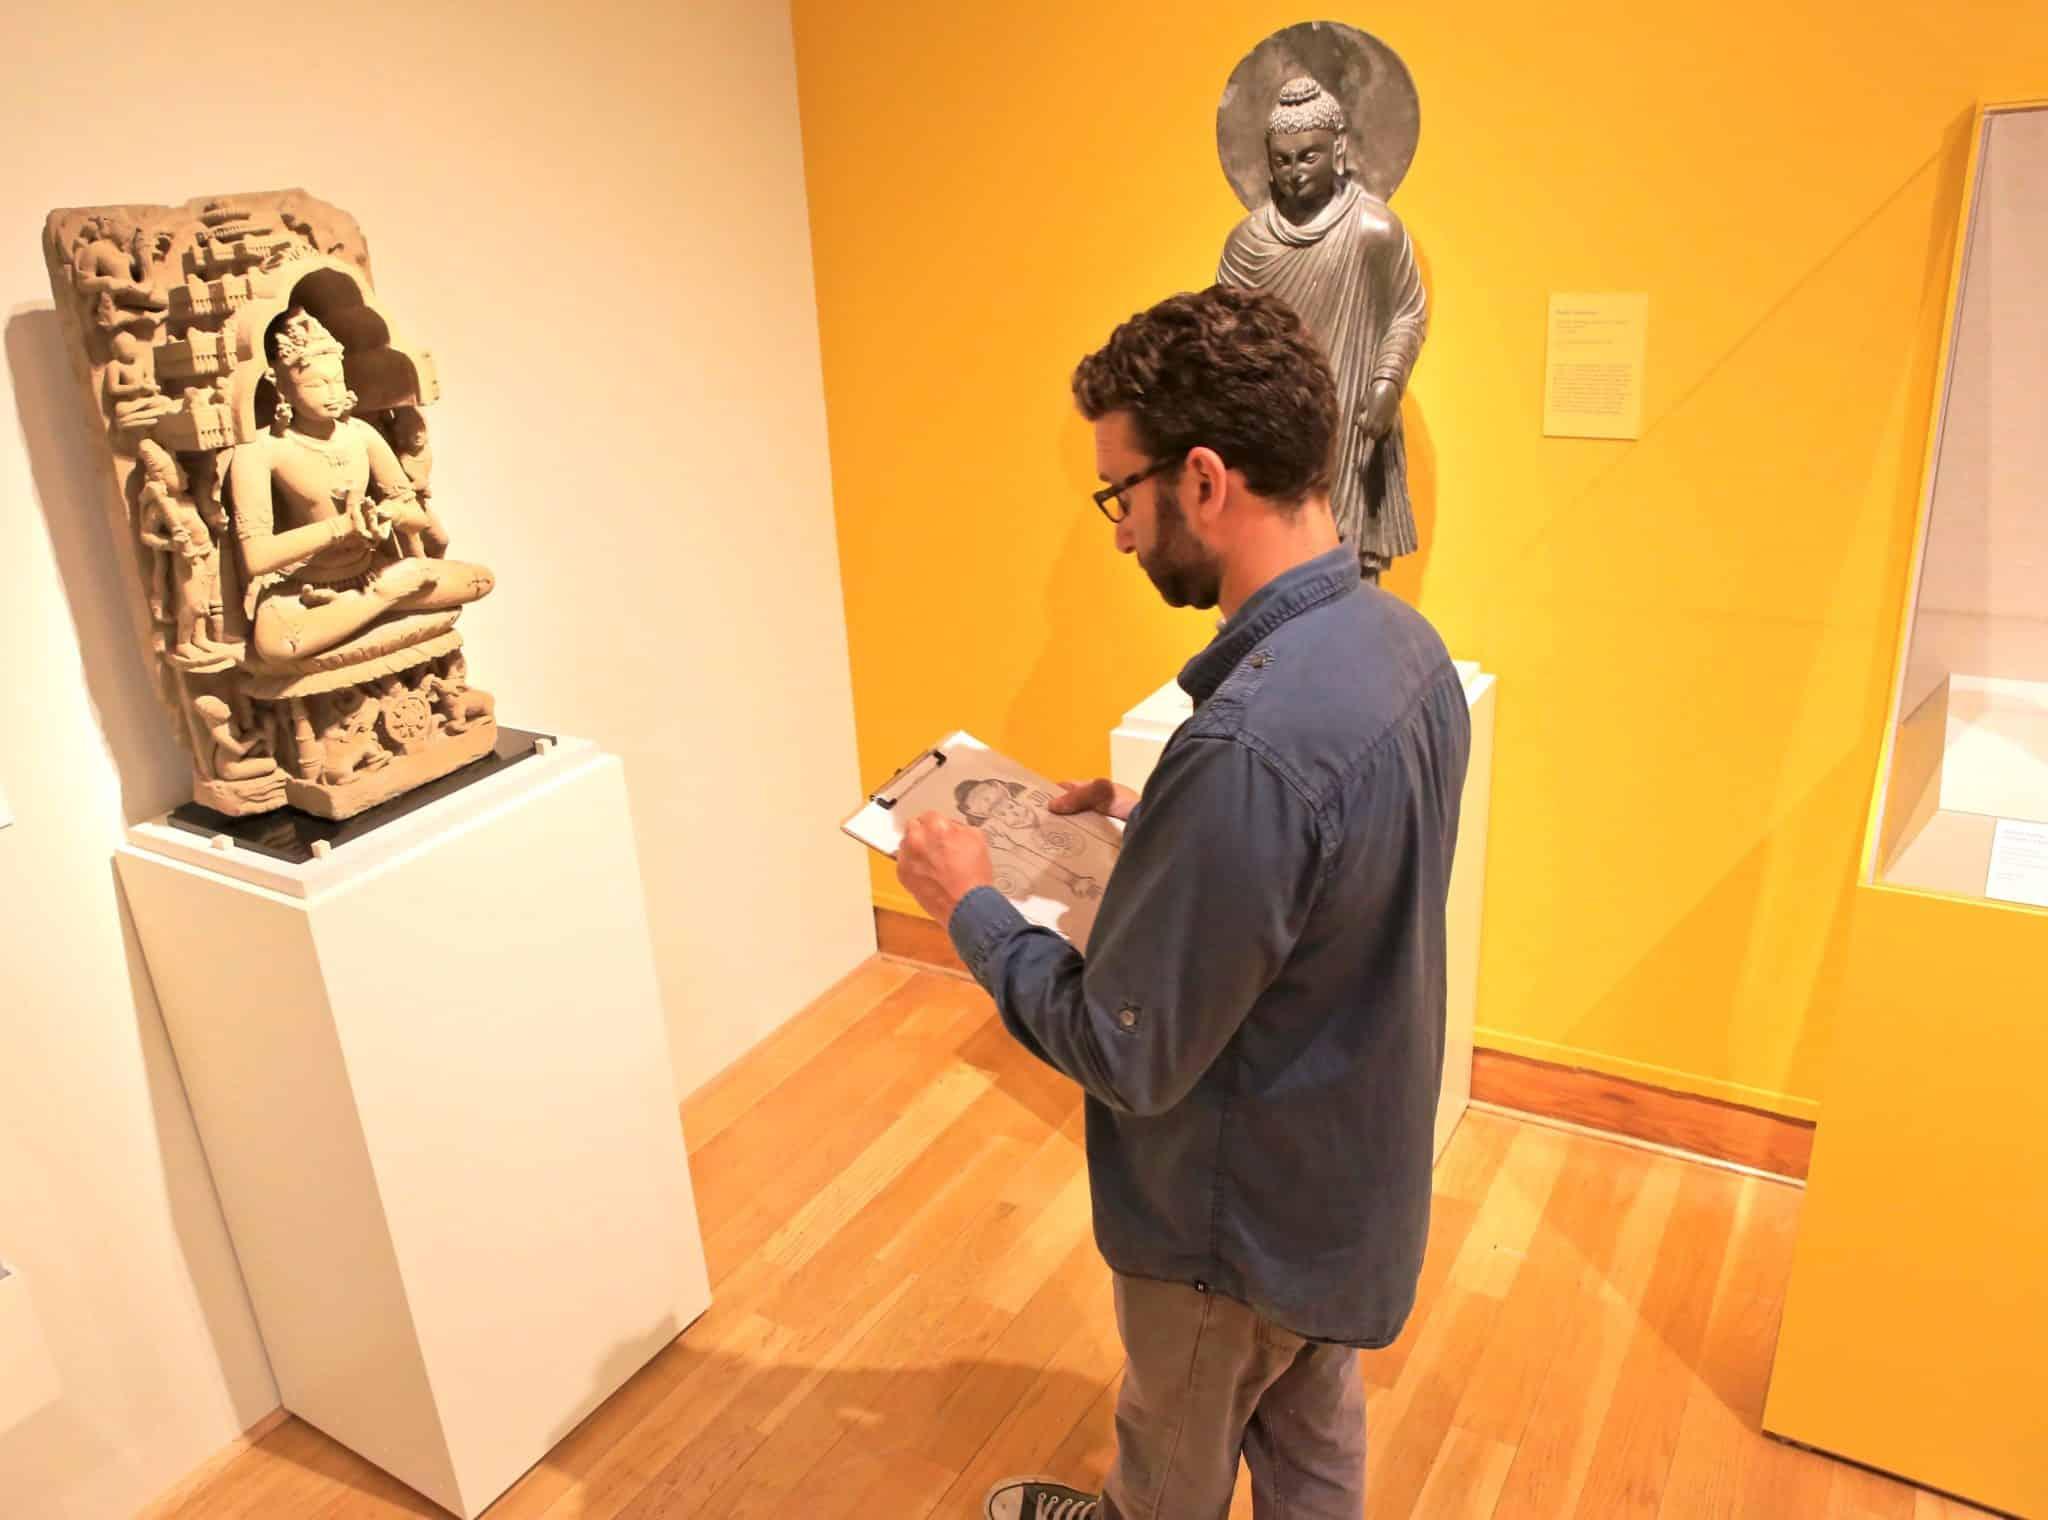 Man looking at an artifact at the Santa Barbara Museum of Art